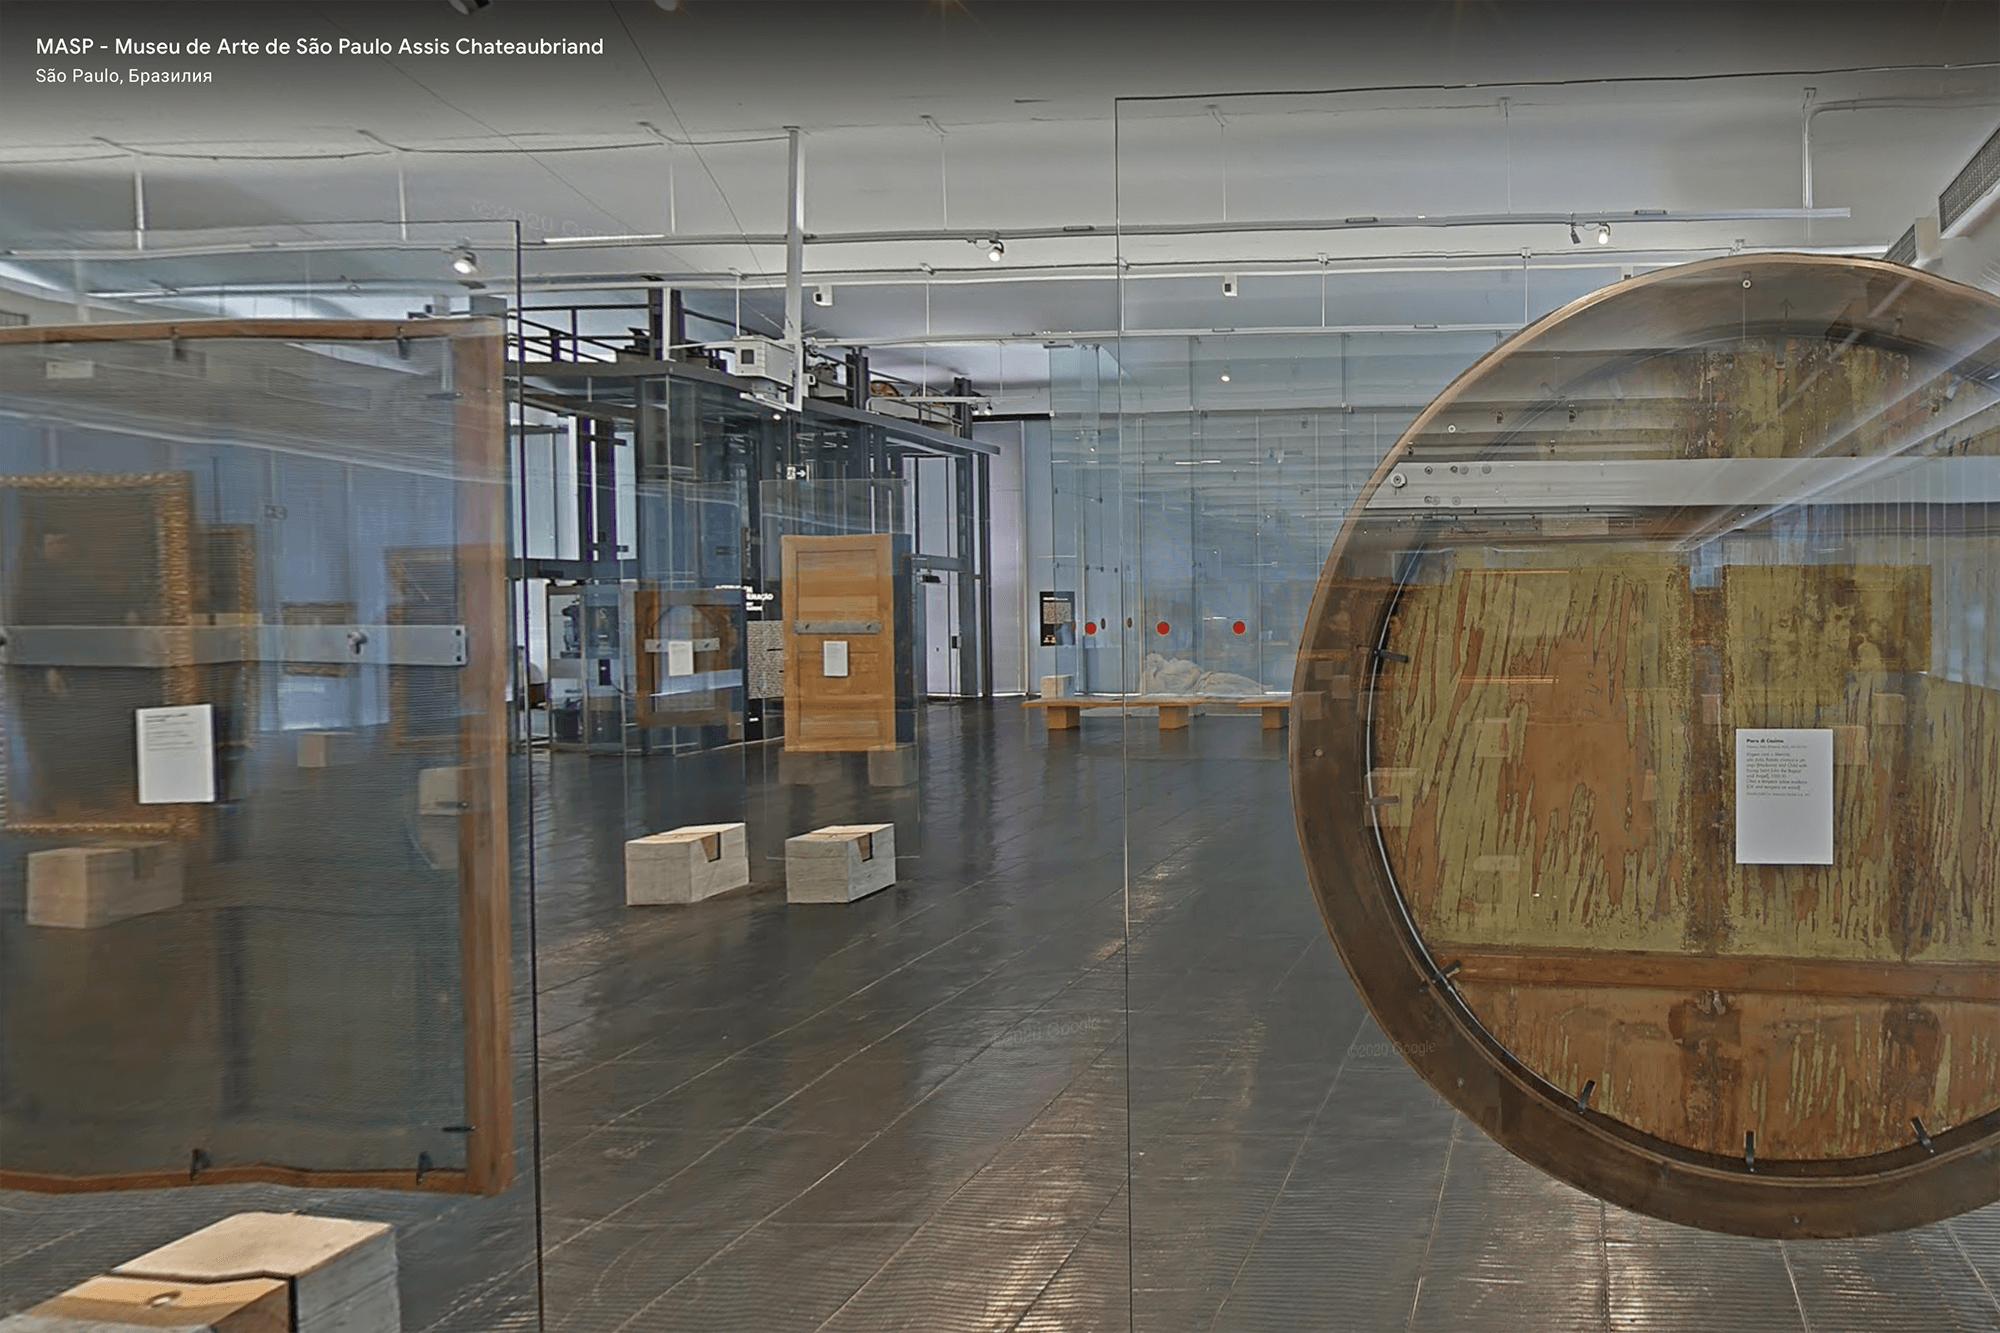 В музее можно рассмотреть даже изнанку картин